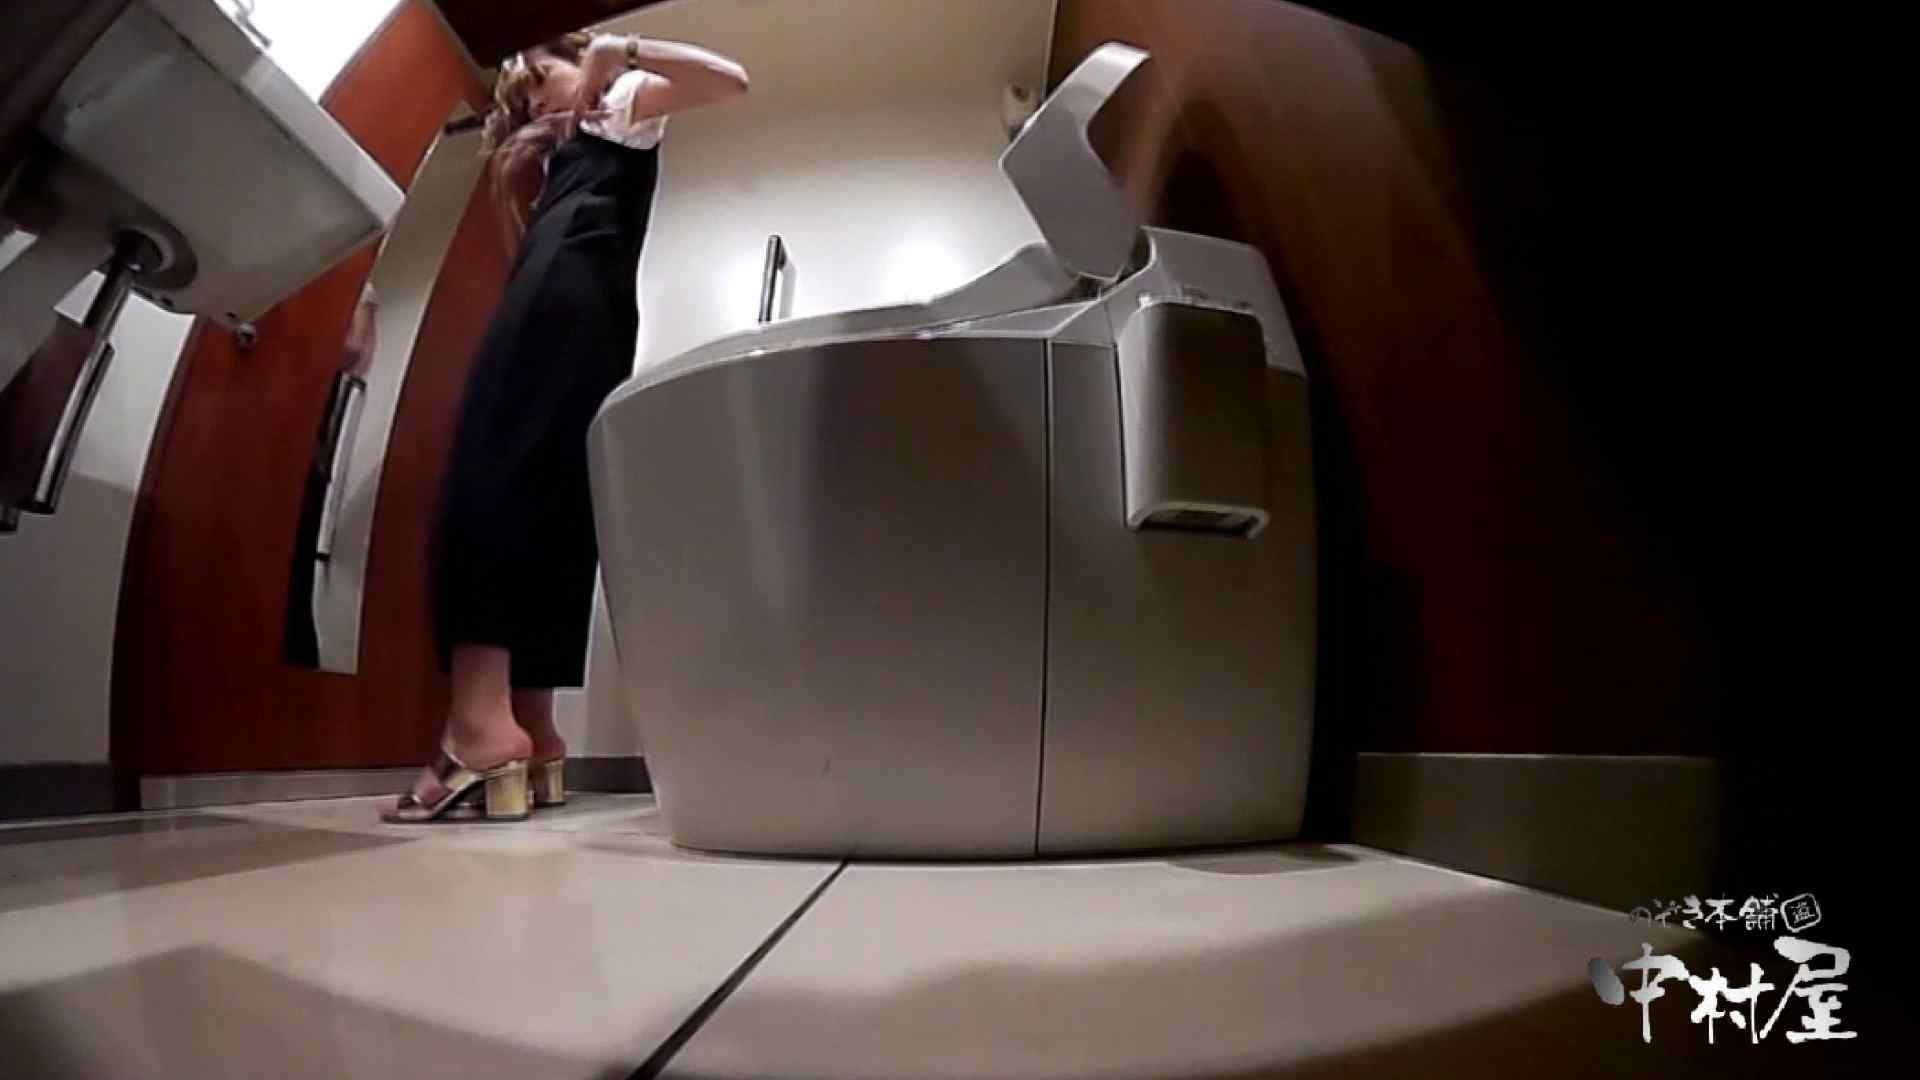 高画質トイレ盗撮vol.19 美しいOLの裸体 アダルト動画キャプチャ 89pic 42